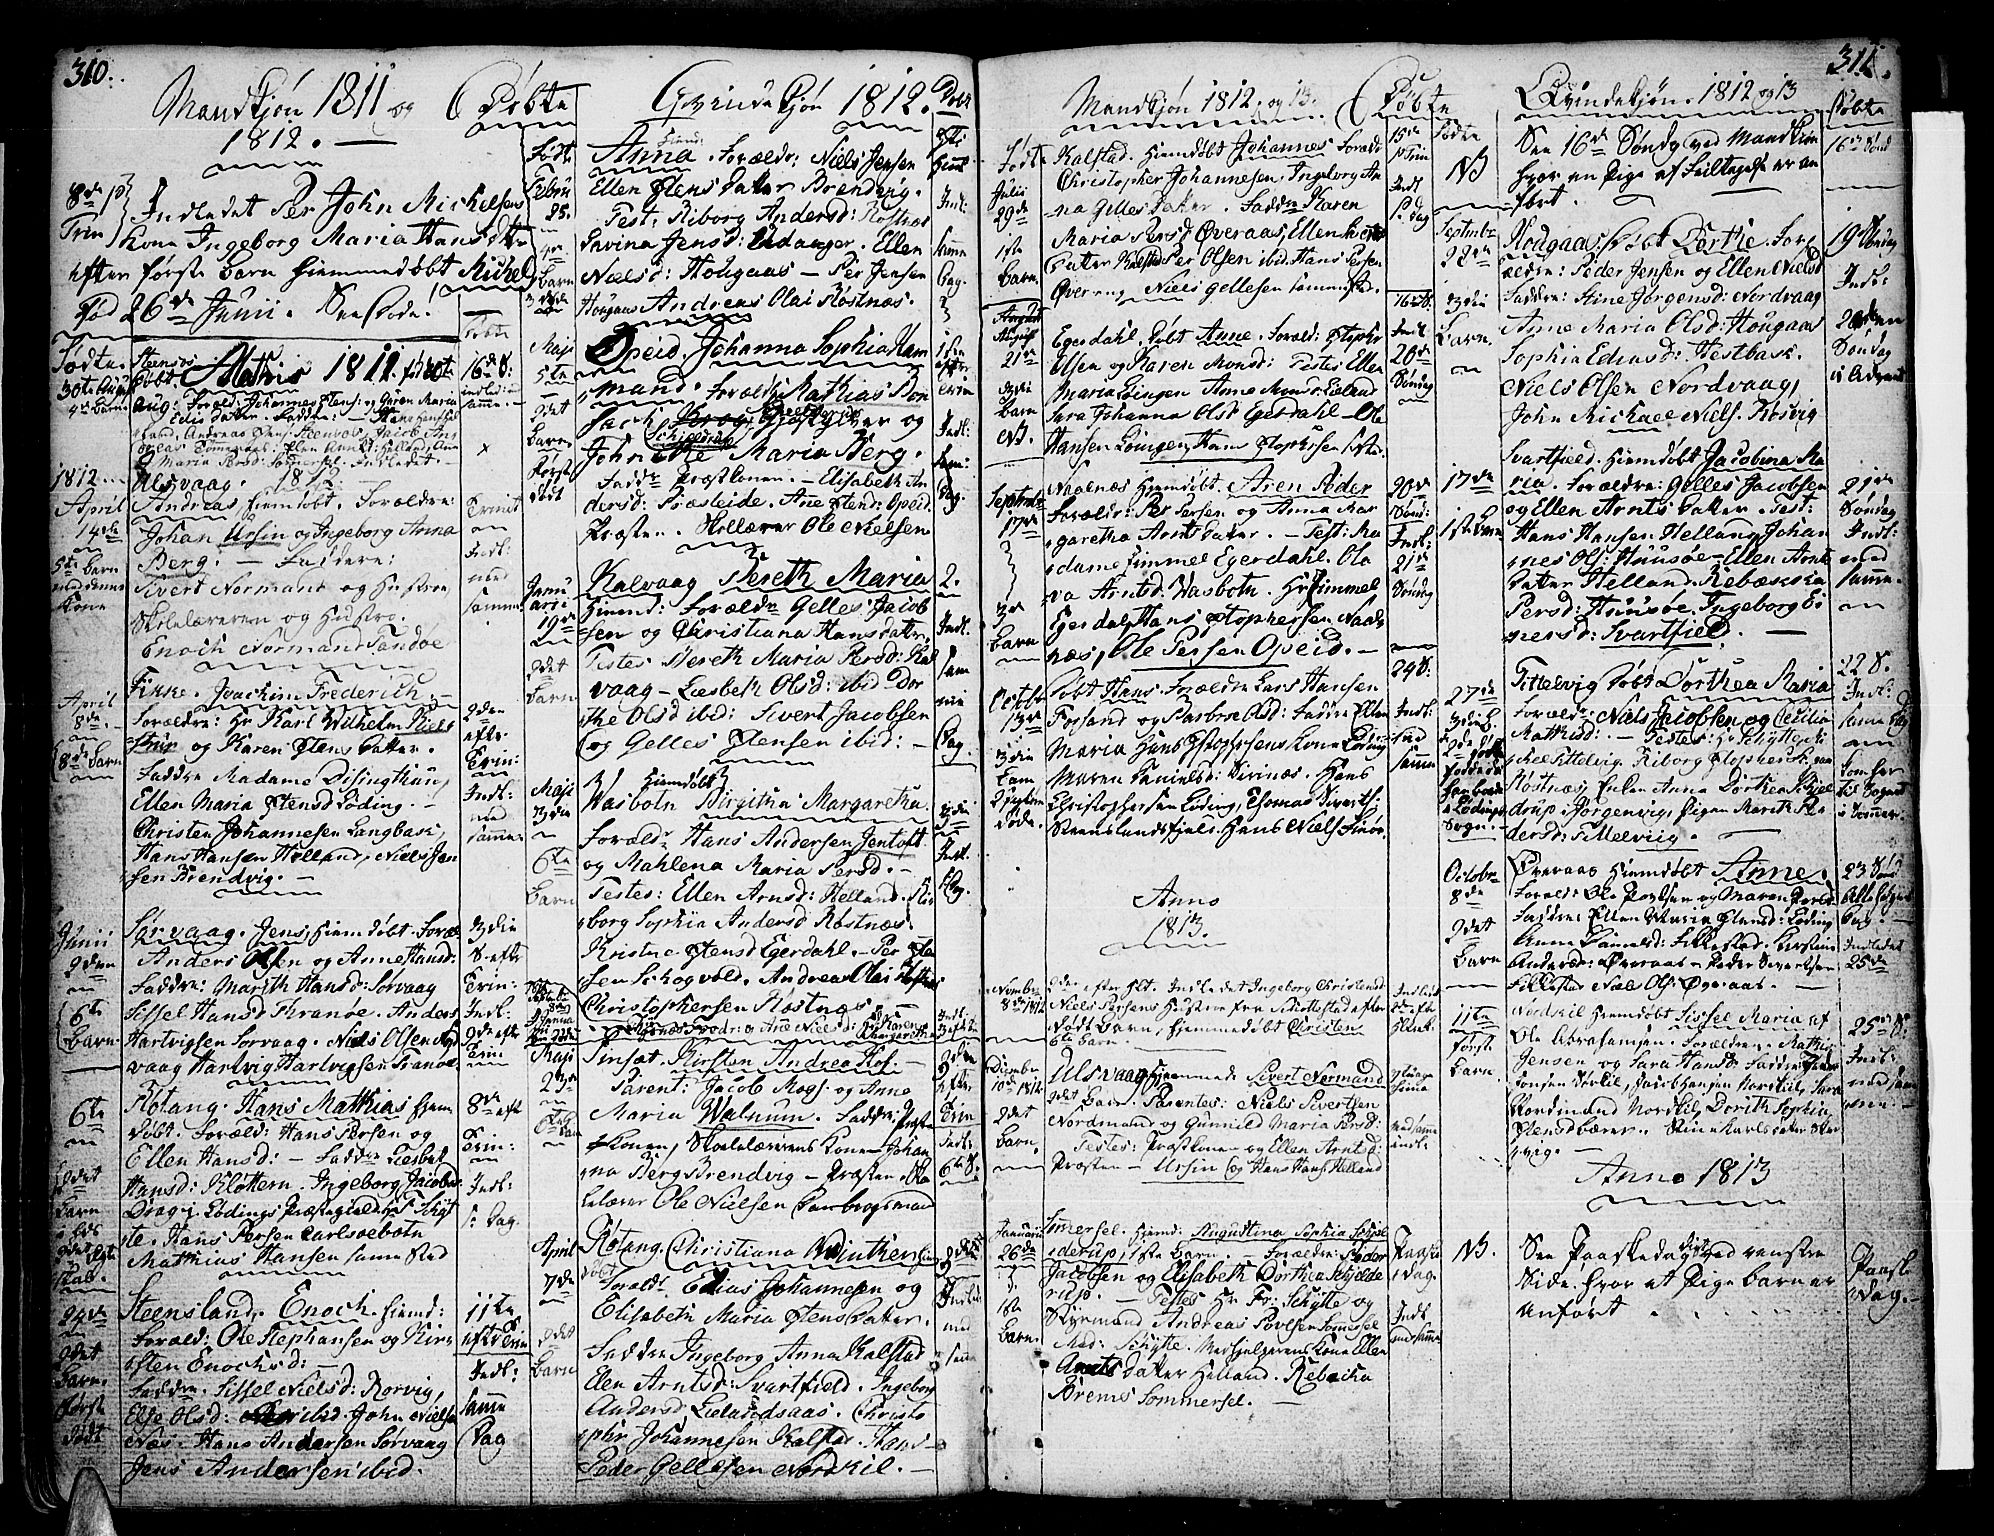 SAT, Ministerialprotokoller, klokkerbøker og fødselsregistre - Nordland, 859/L0841: Parish register (official) no. 859A01, 1766-1821, p. 310-311